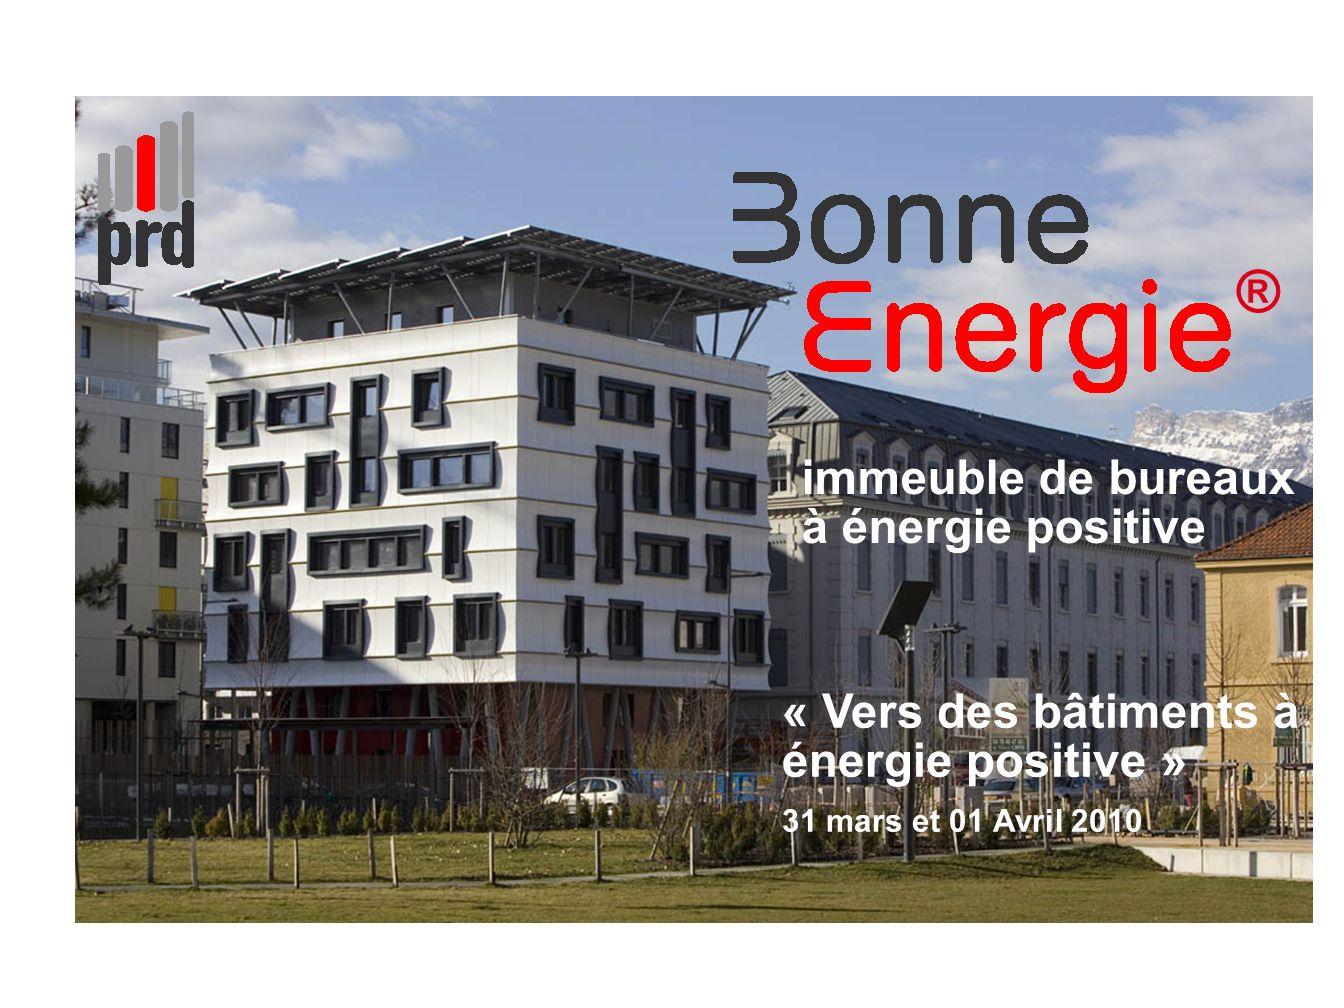 1 1 immeuble de bureaux à énergie positive ® « Vers des bâtiments à énergie positive » 31 mars et 01 Avril 2010